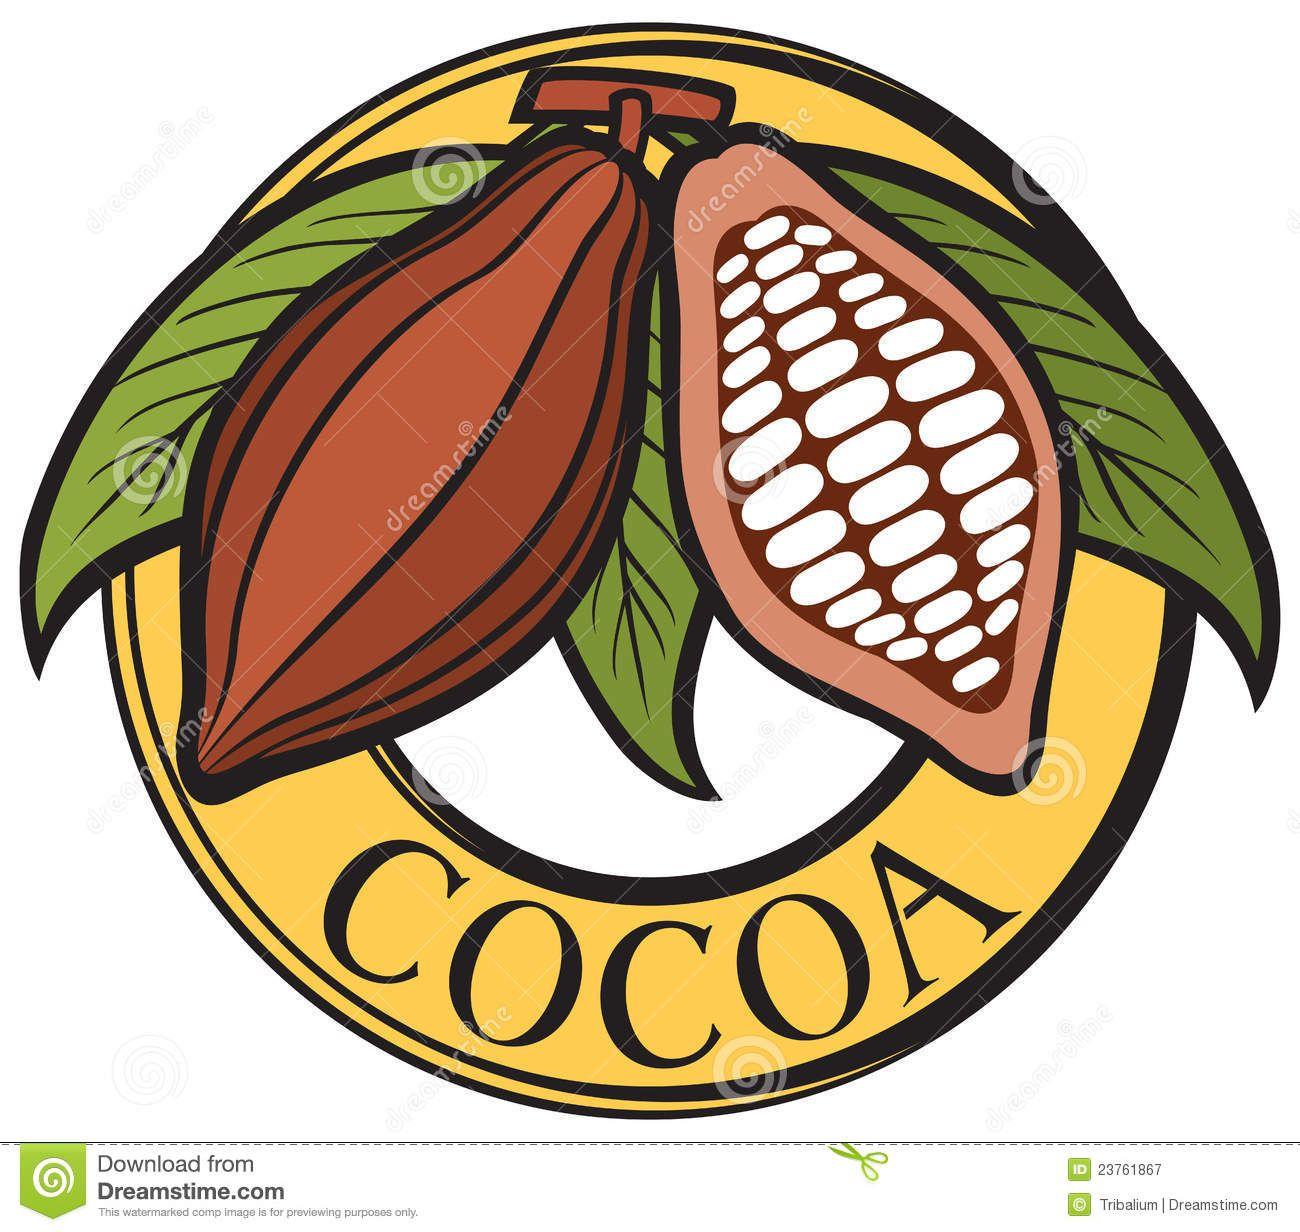 Cocoa Bean Plant Google Search Chocolate Logo Vector Stock Vector